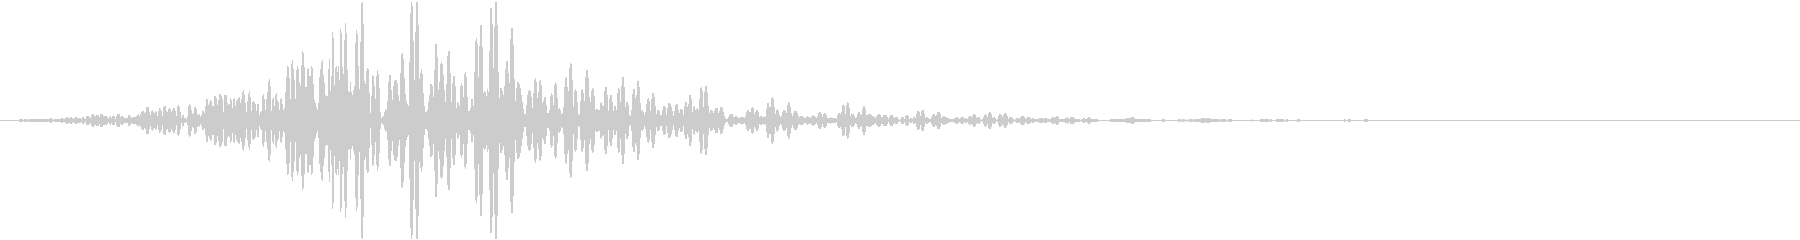 重低音のフェード音2の未再生の波形